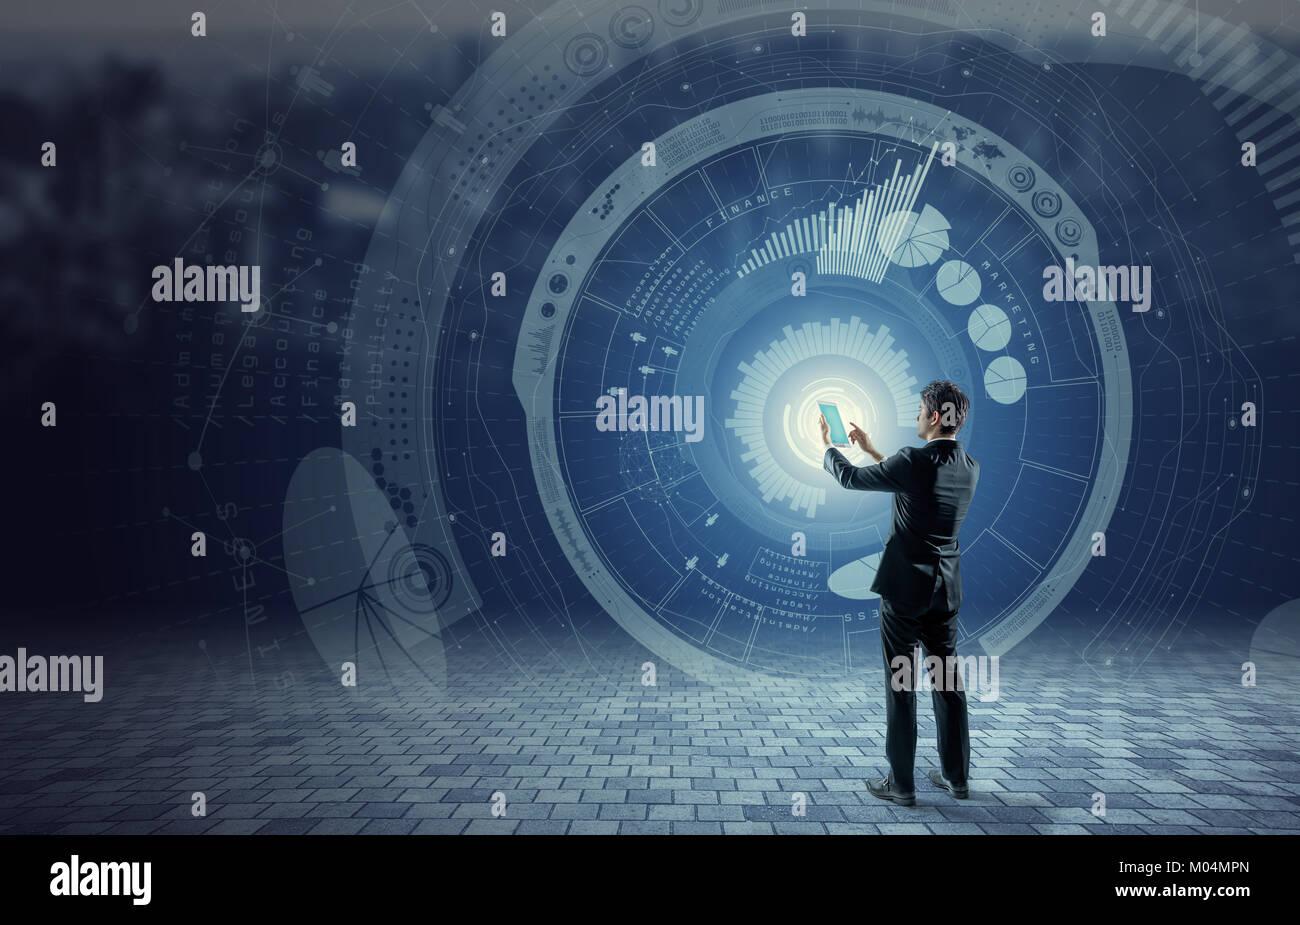 Business e Tecnologia concetto, finanziari, la tecnologia Internet delle cose, immagine astratta visual Immagini Stock